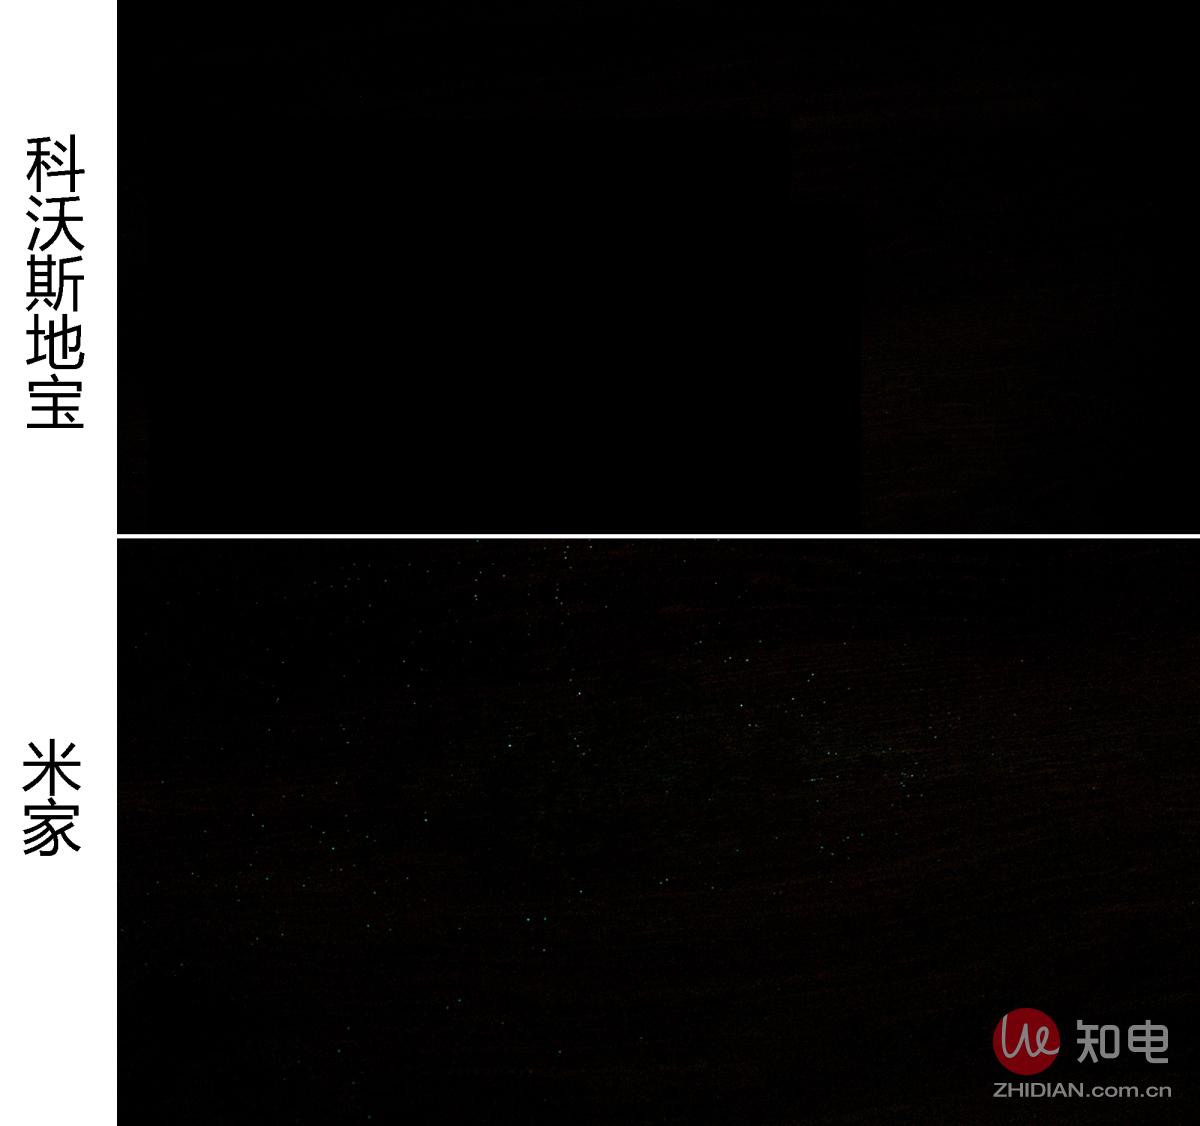 小米-关灯荧光---水电费本.jpg